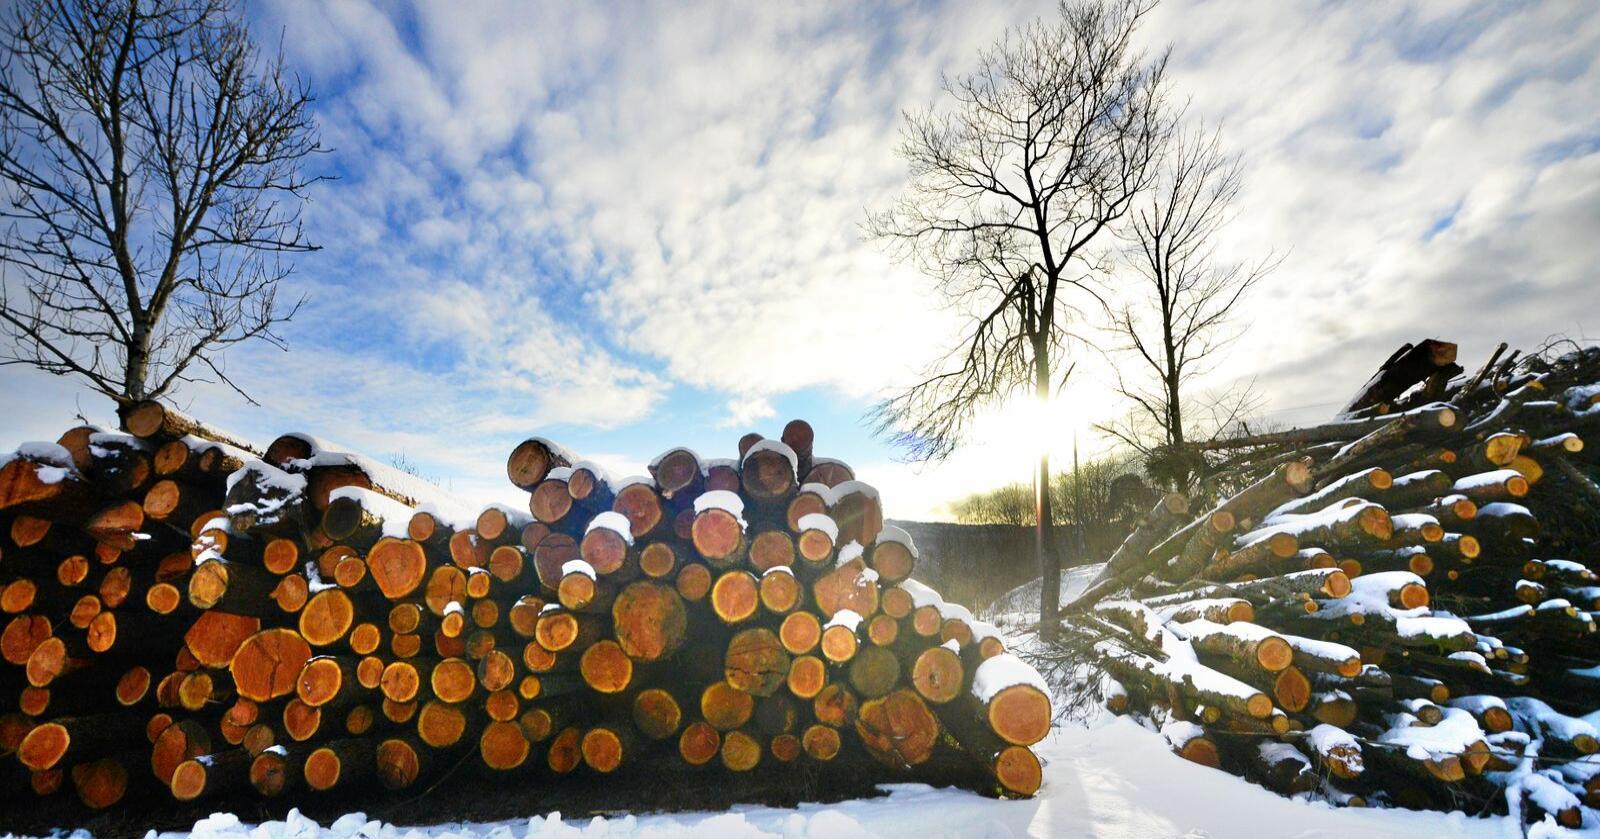 Tømmer: Ren råvareeksport er lite lønnsomt og svært sårbart da Norge blir et marginalmarked som må tåle store svingninger i pris, skriver artikkelforfatterne. Foto: Siri Juell Rasmussen